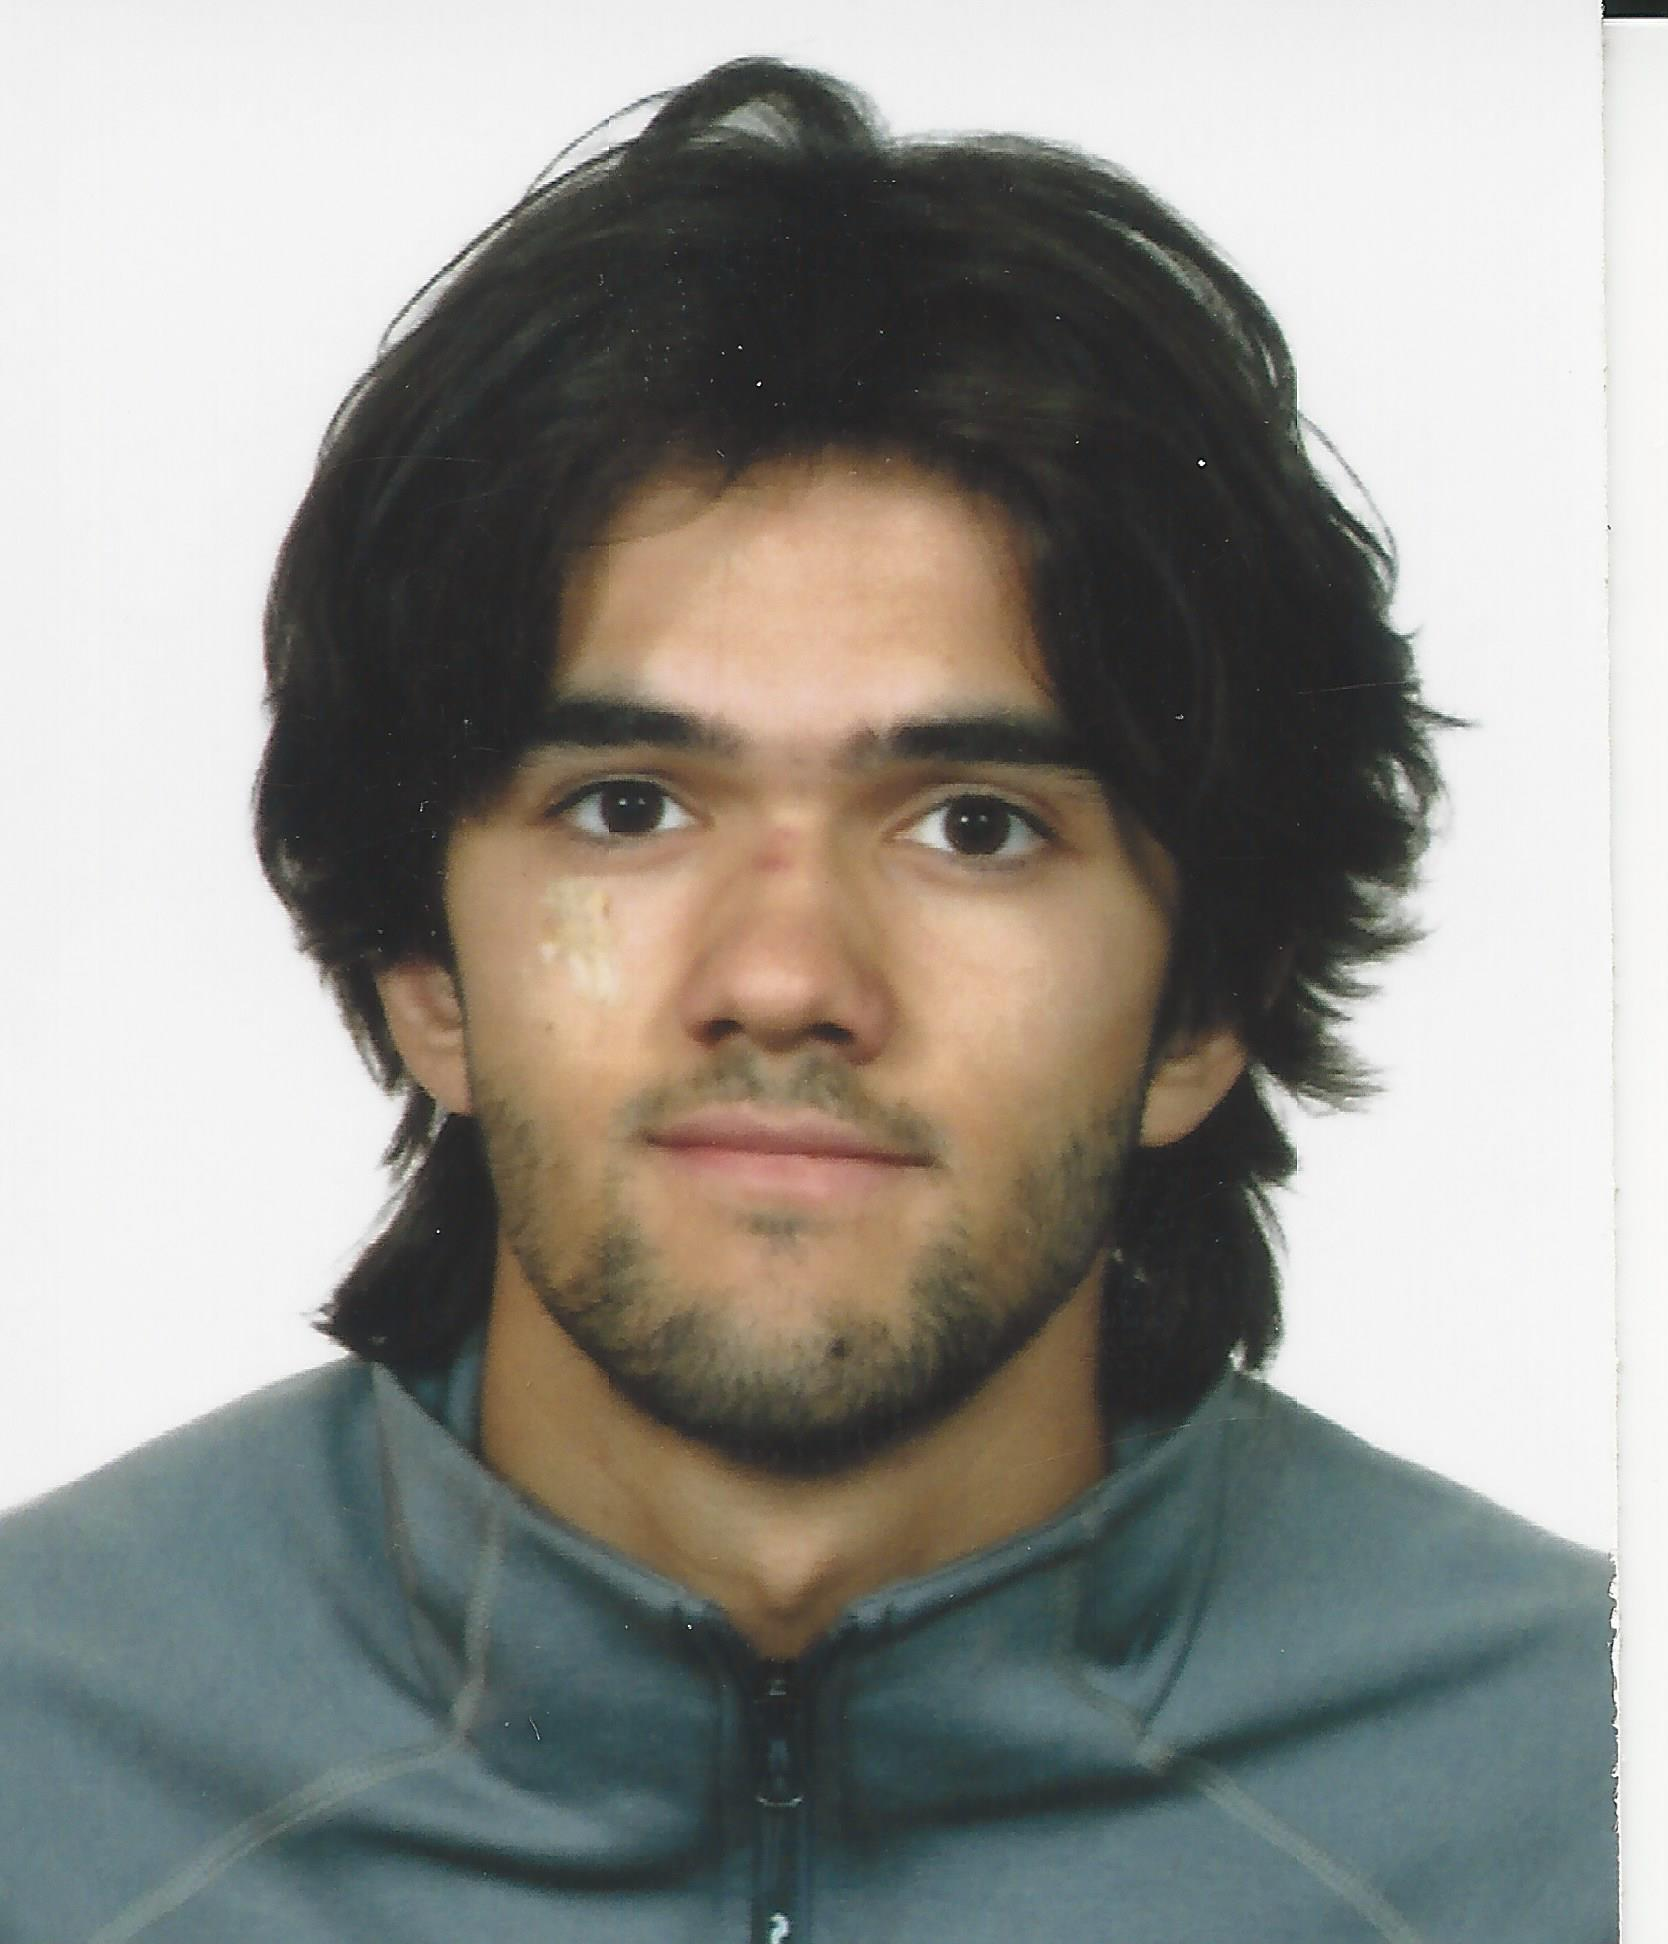 Xavi SALVADORES SANGRÀ